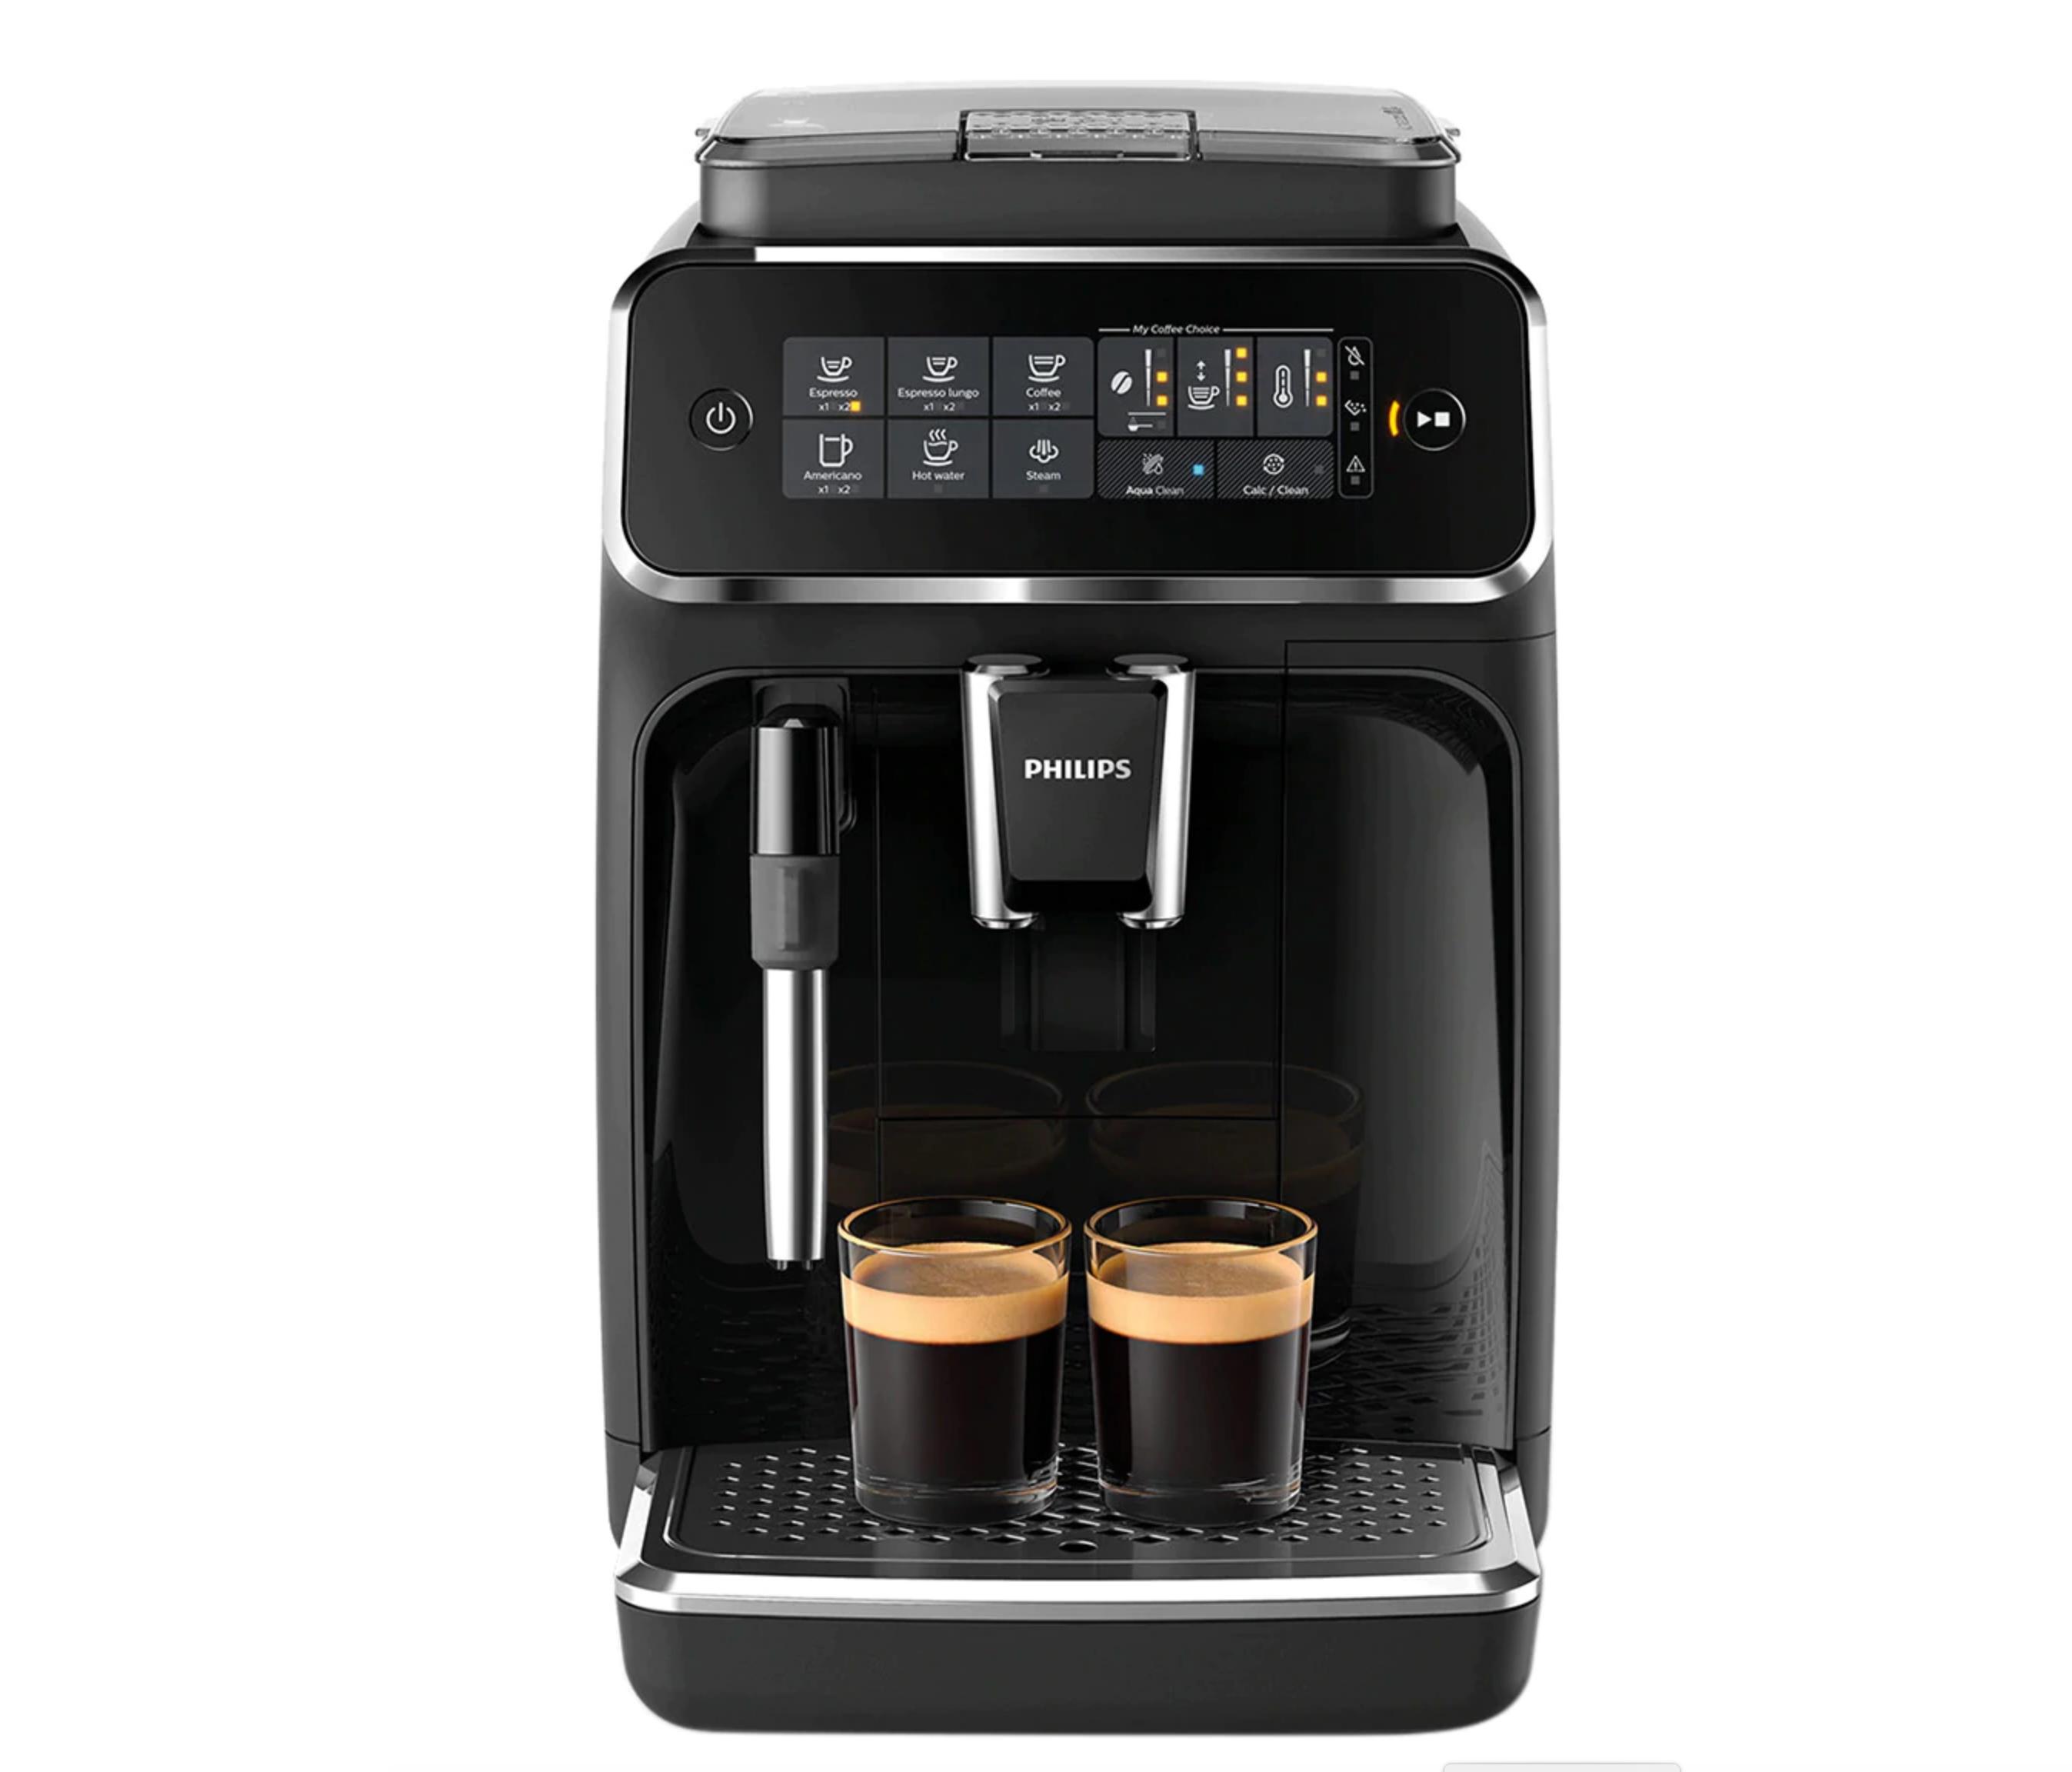 Cafetera espresso superautomática Philips serie 3200 con espumador de leche y programas para 4 tipos de café